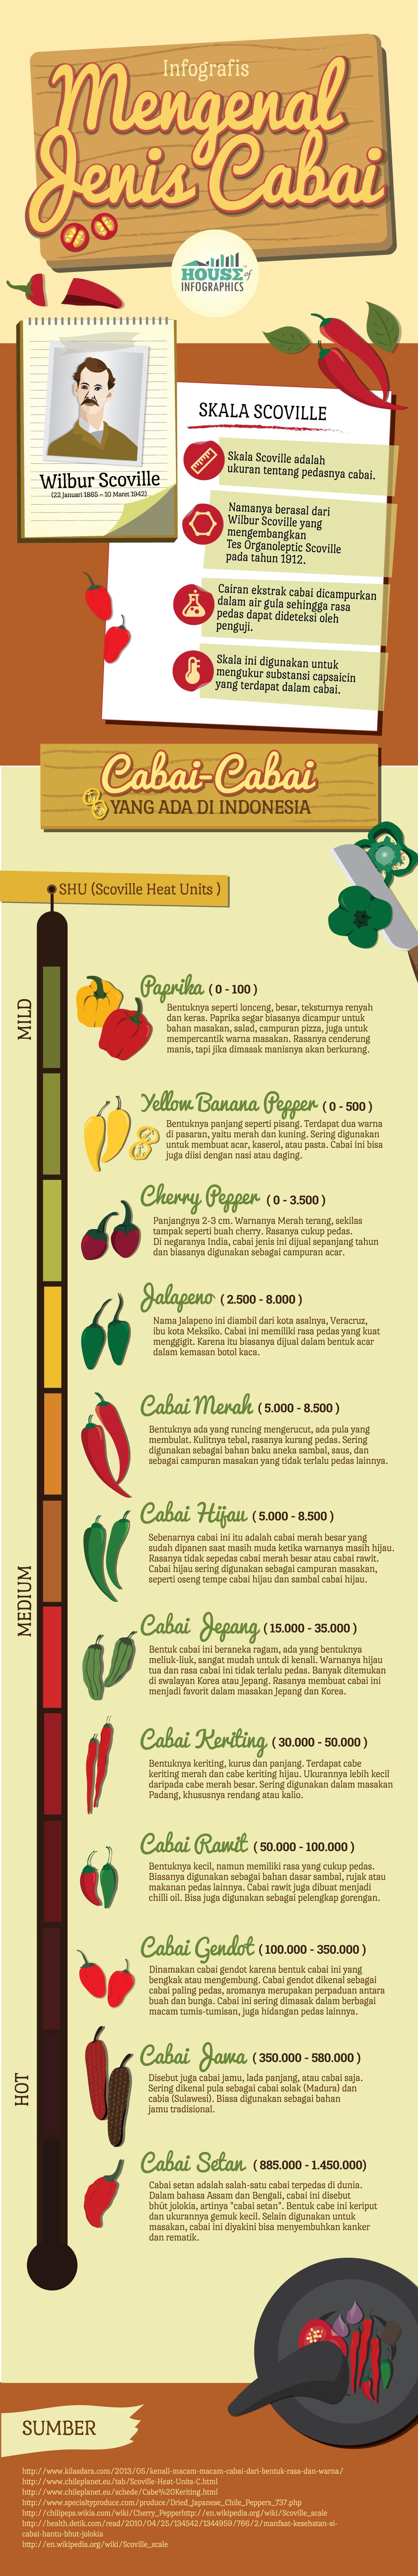 Infografis Mengenal Jenis Cabai